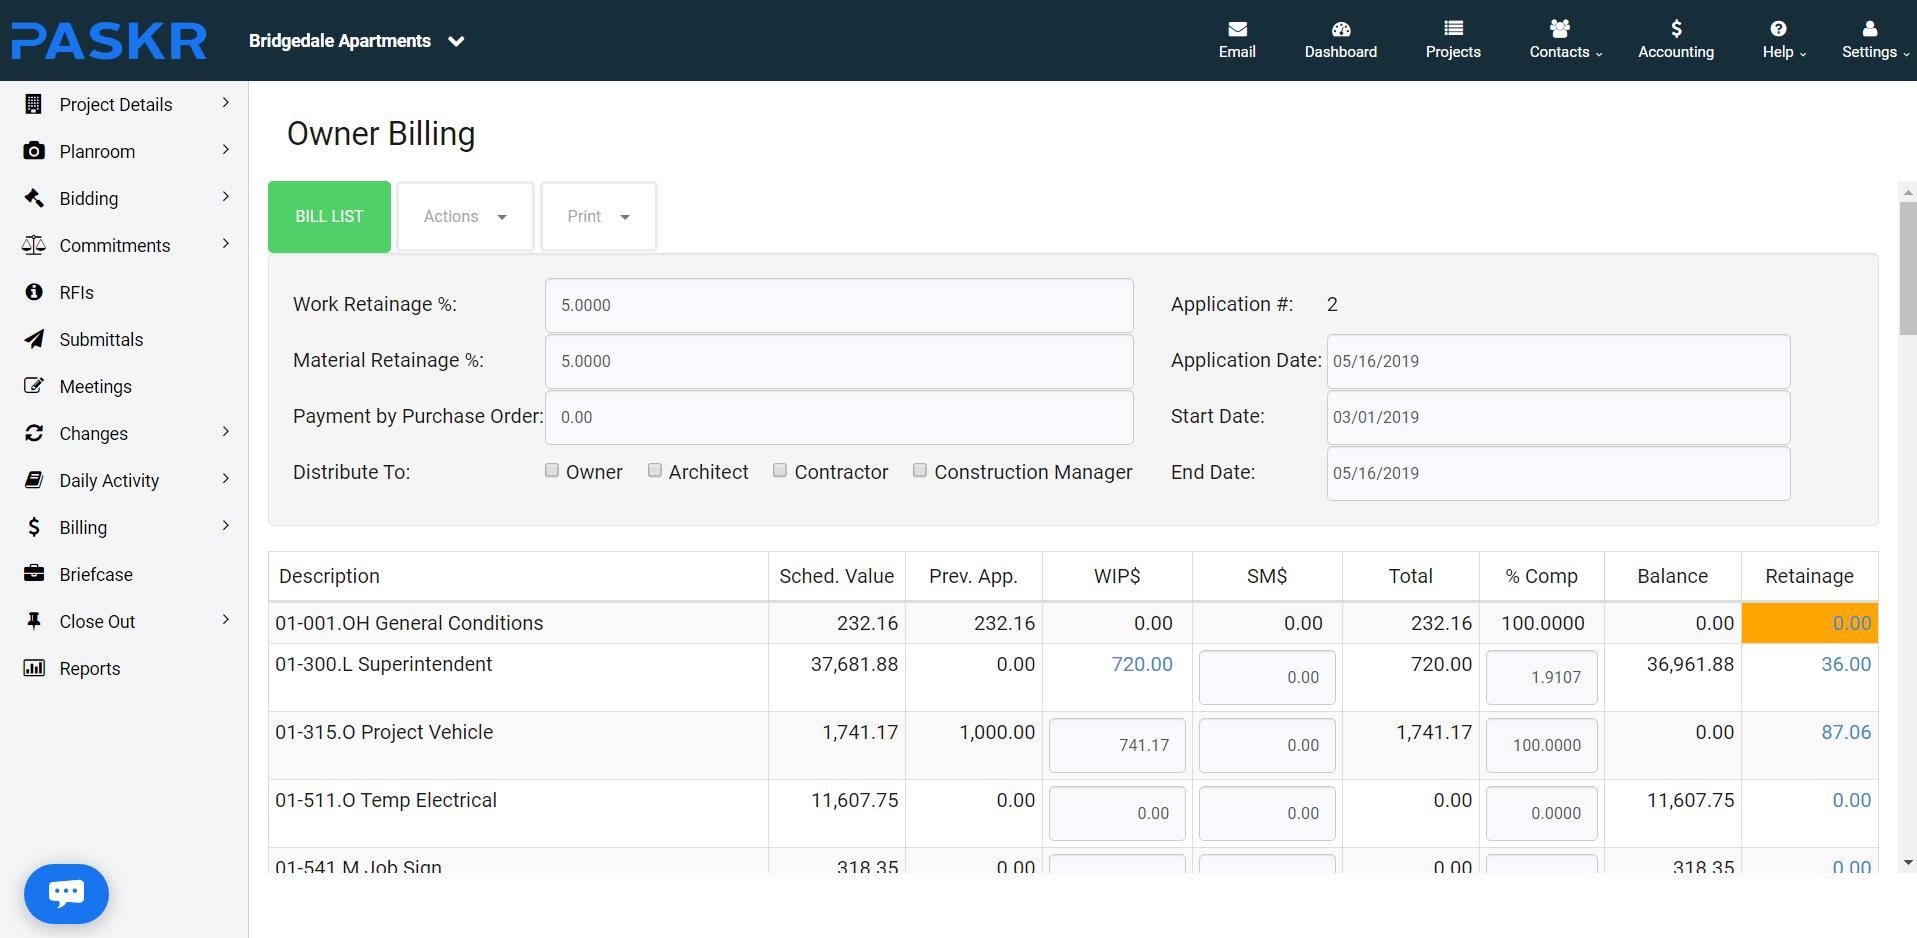 PASKR Software - Owner Billing